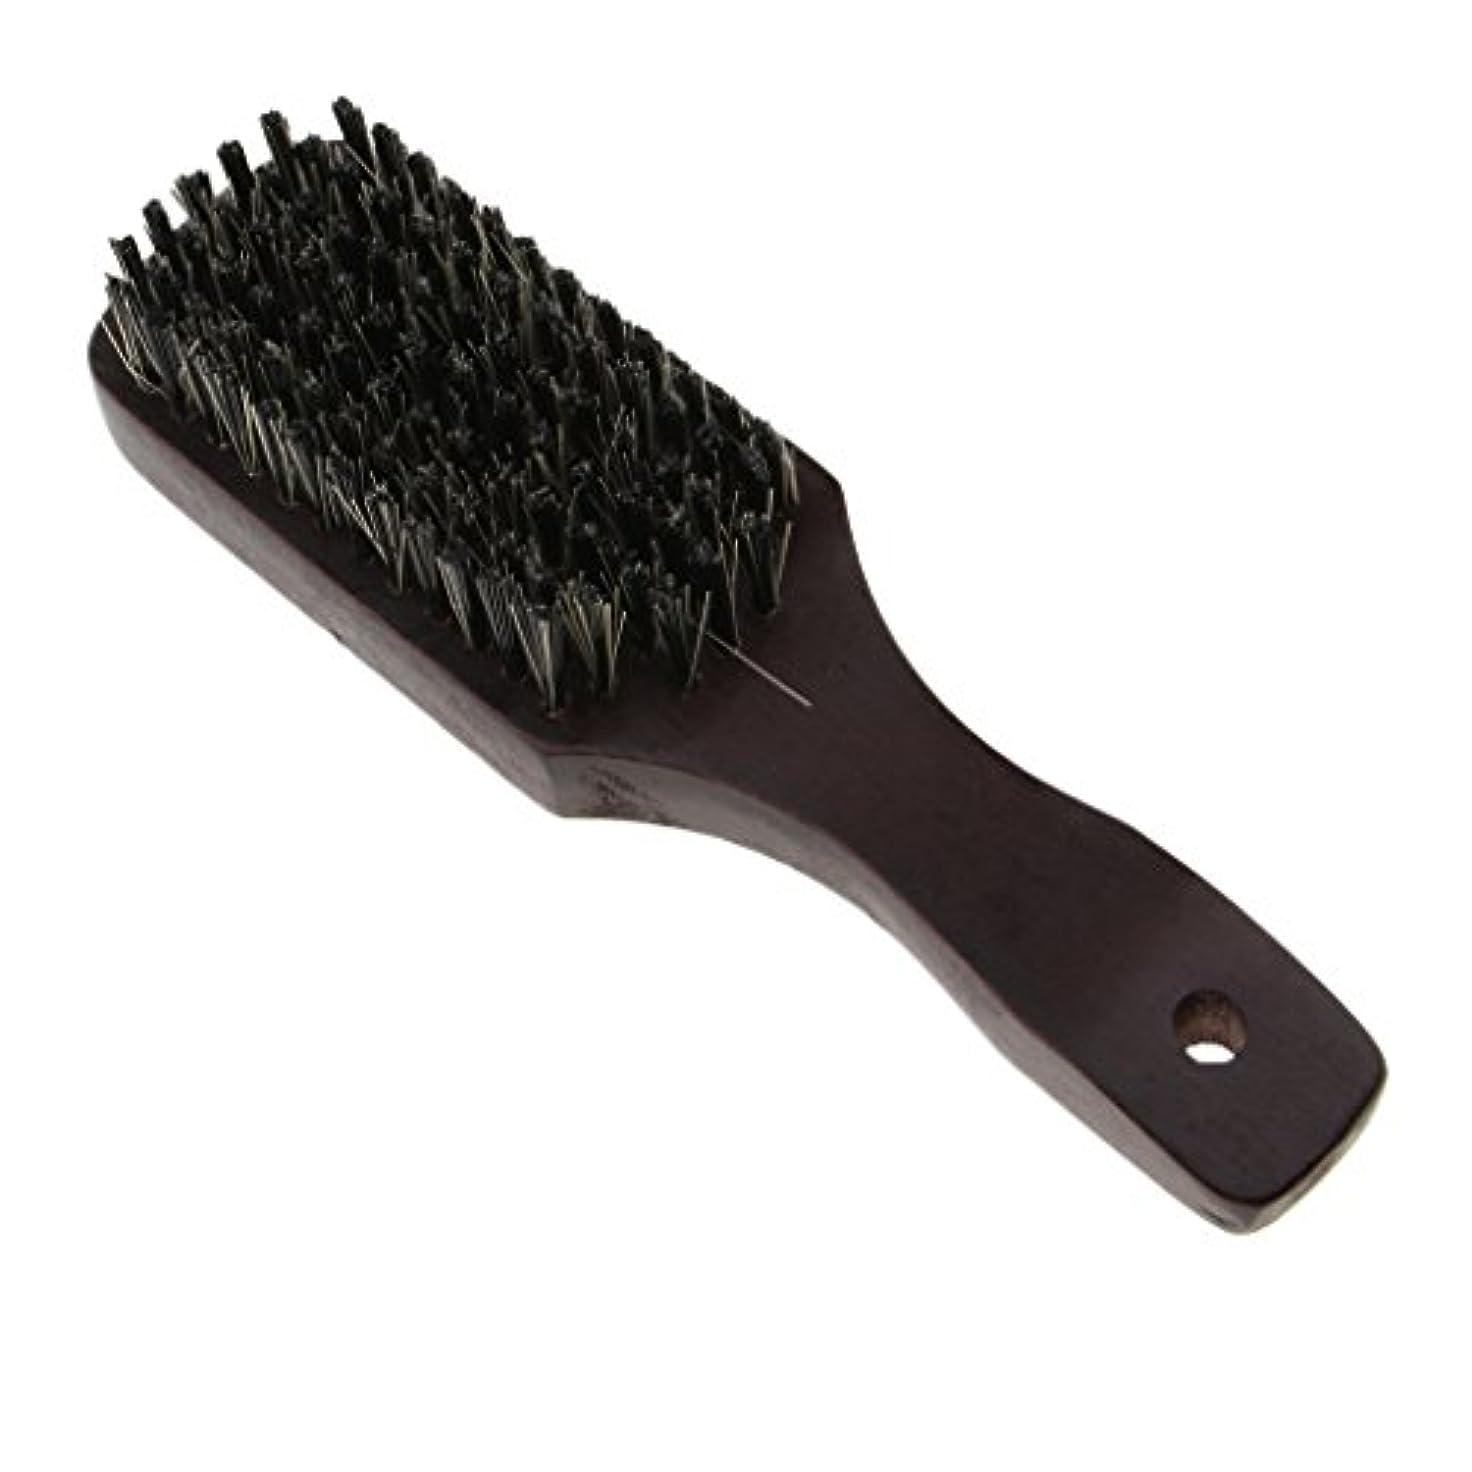 文やろう確かめるDYNWAVE ヘアブラシ 髪の櫛 木製 サロン バリバー アフロ ヘアピック ブラシ 櫛